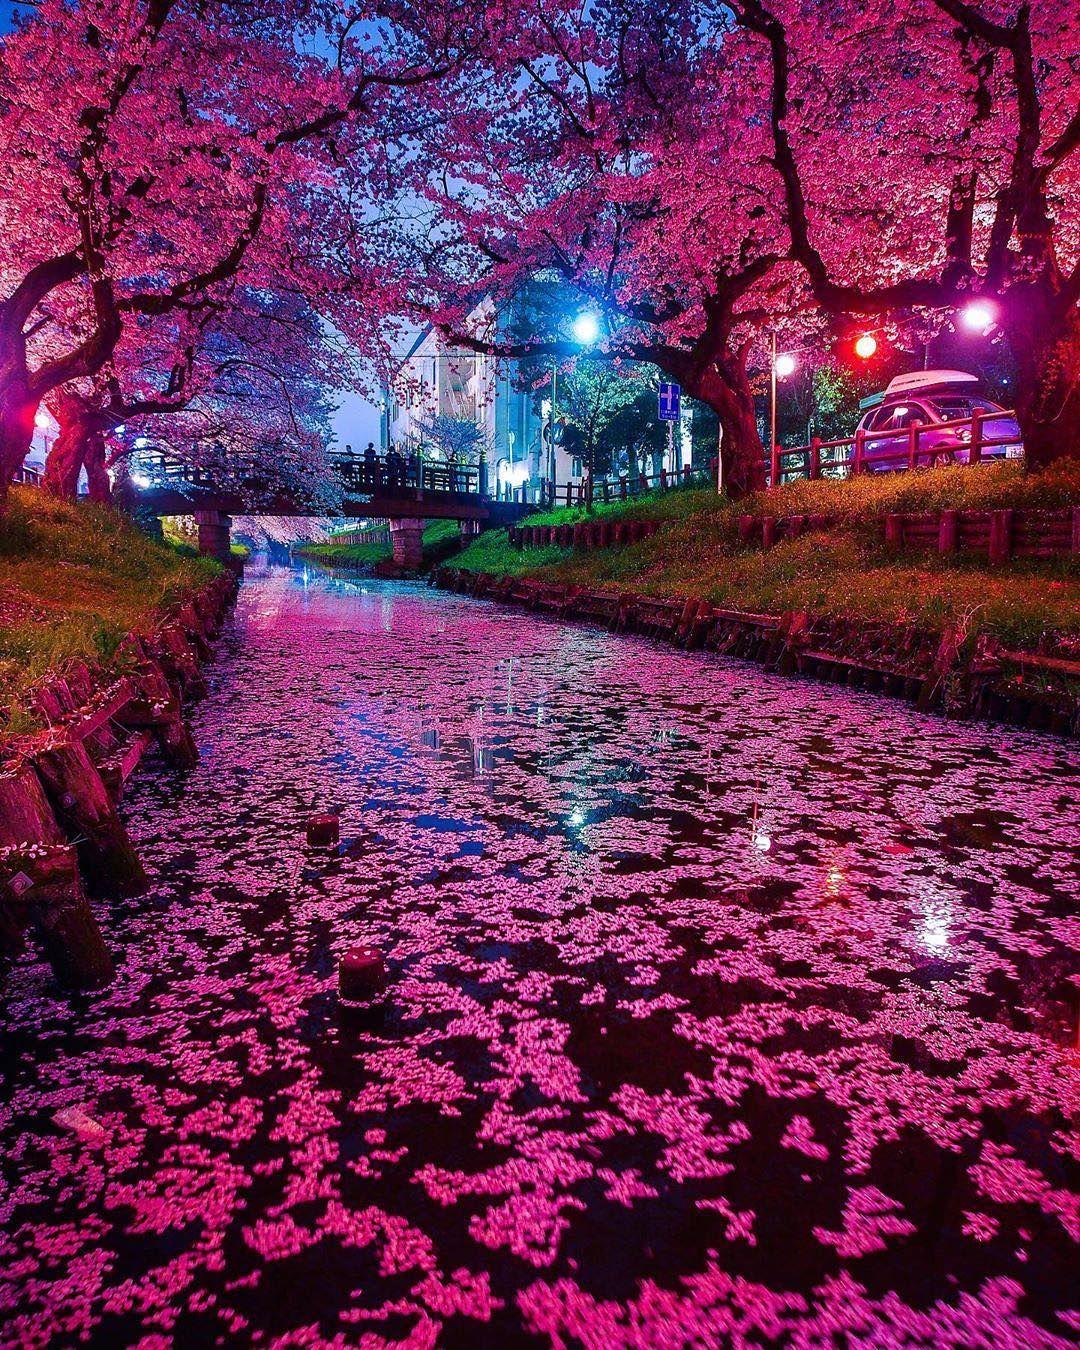 Jika Anda Berada Di Ikebukuro Saat Musim Bunga Sakura Pastikan Untuk Mengunjungi Sungai Shingashi Dan Kuil Ka Bunga Sakura Fotografi Alam Pemandangan Khayalan